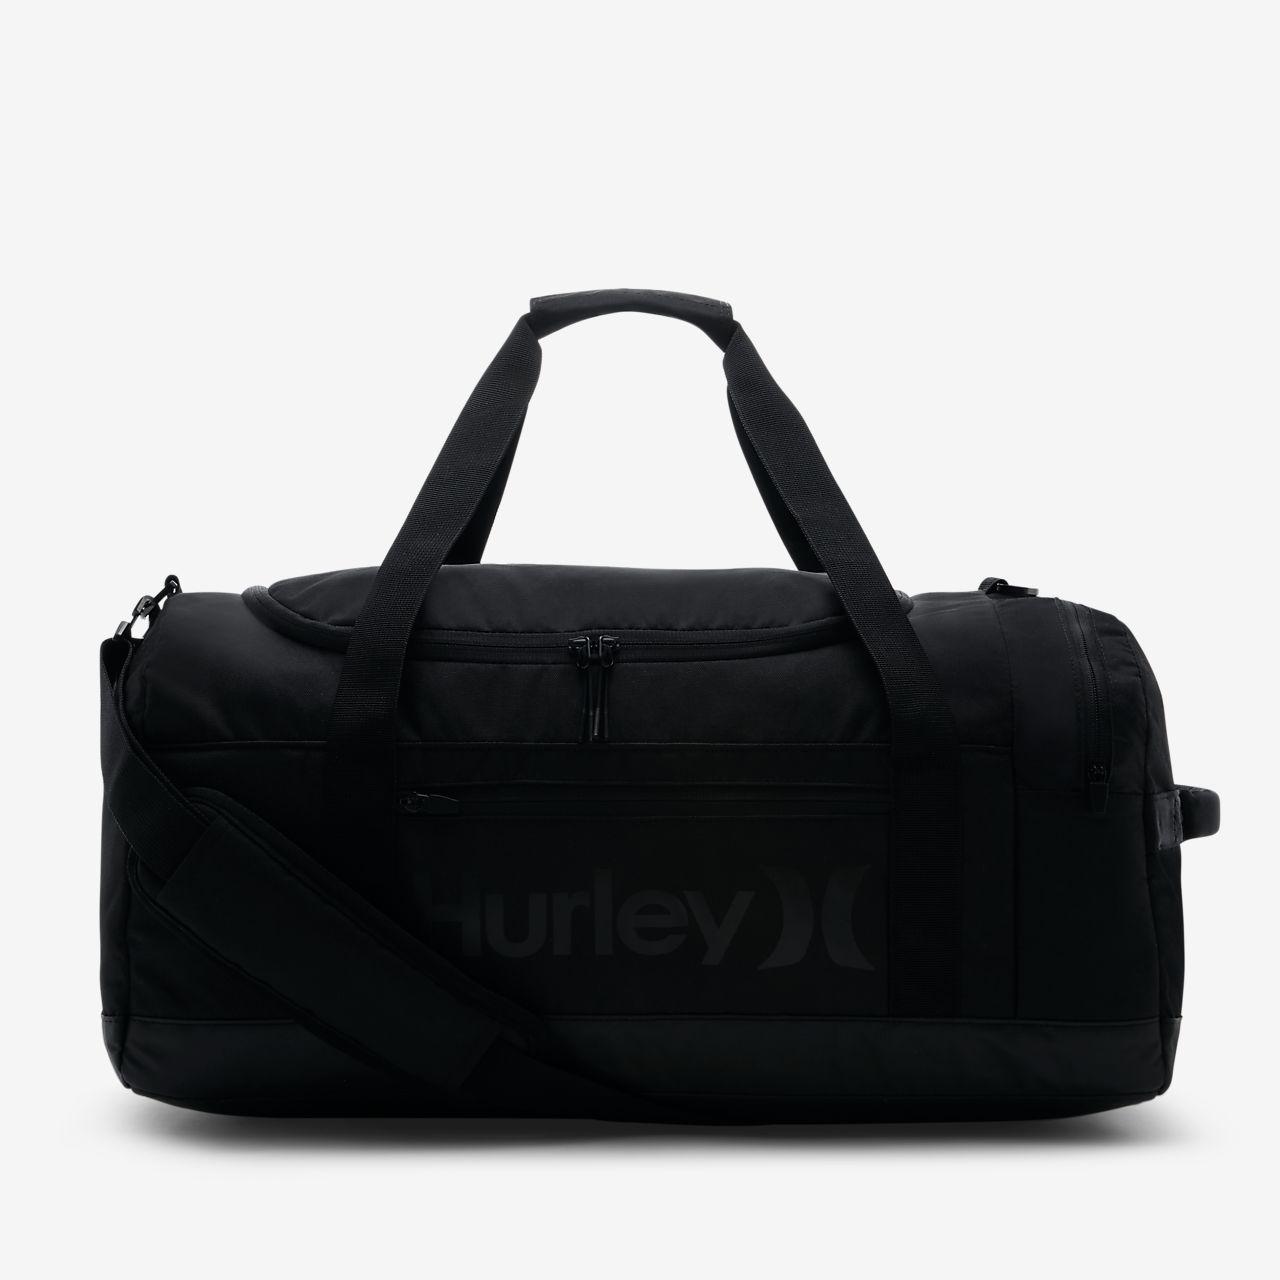 Low Resolution Hurley Renegade Duffel Bag Hurley Renegade Duffel Bag